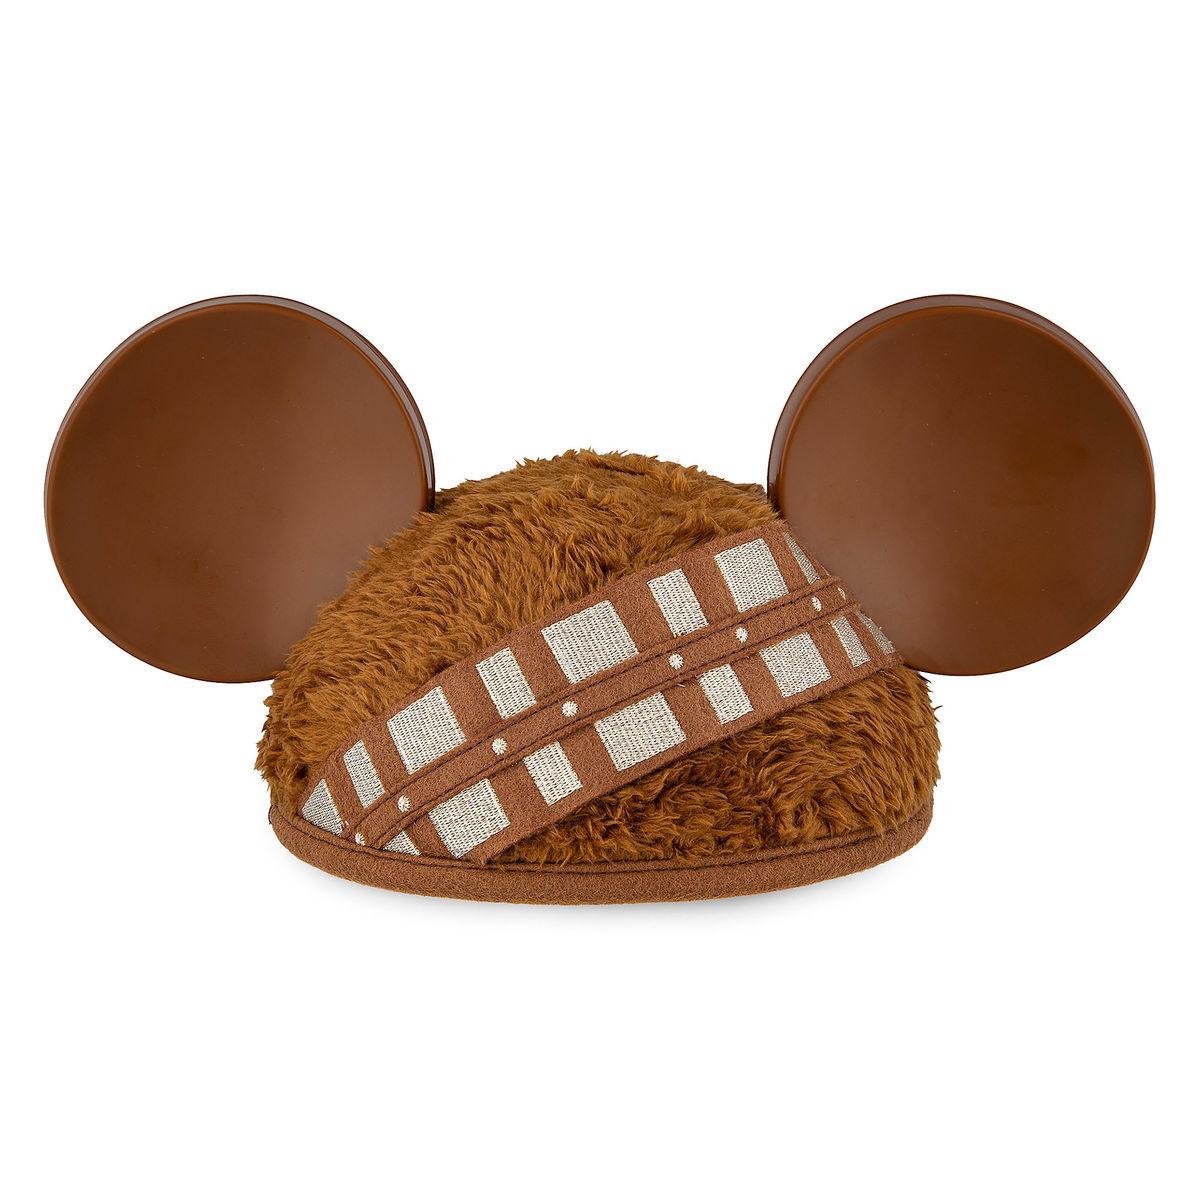 d74ed63d2f3 Disney Hat - Ears Hat - Chewbacca - Star Wars